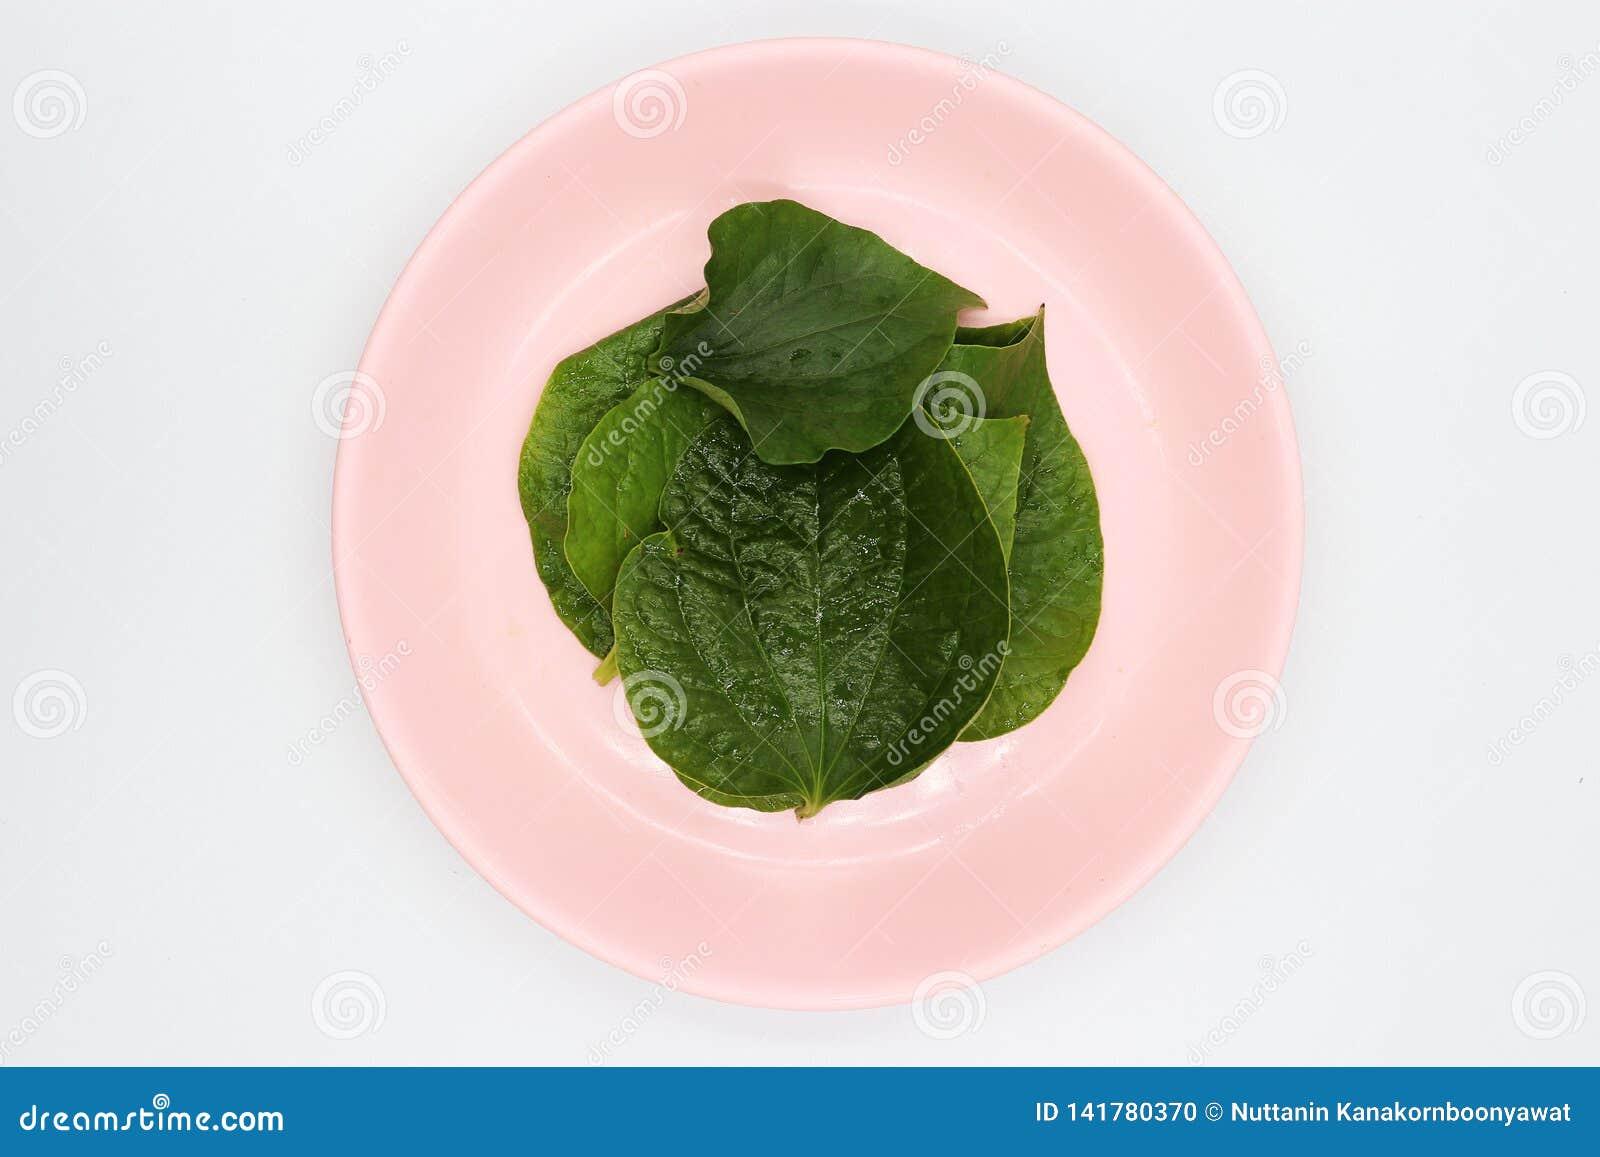 Chaplo lämnar i rosa maträtt på vit bakgrund